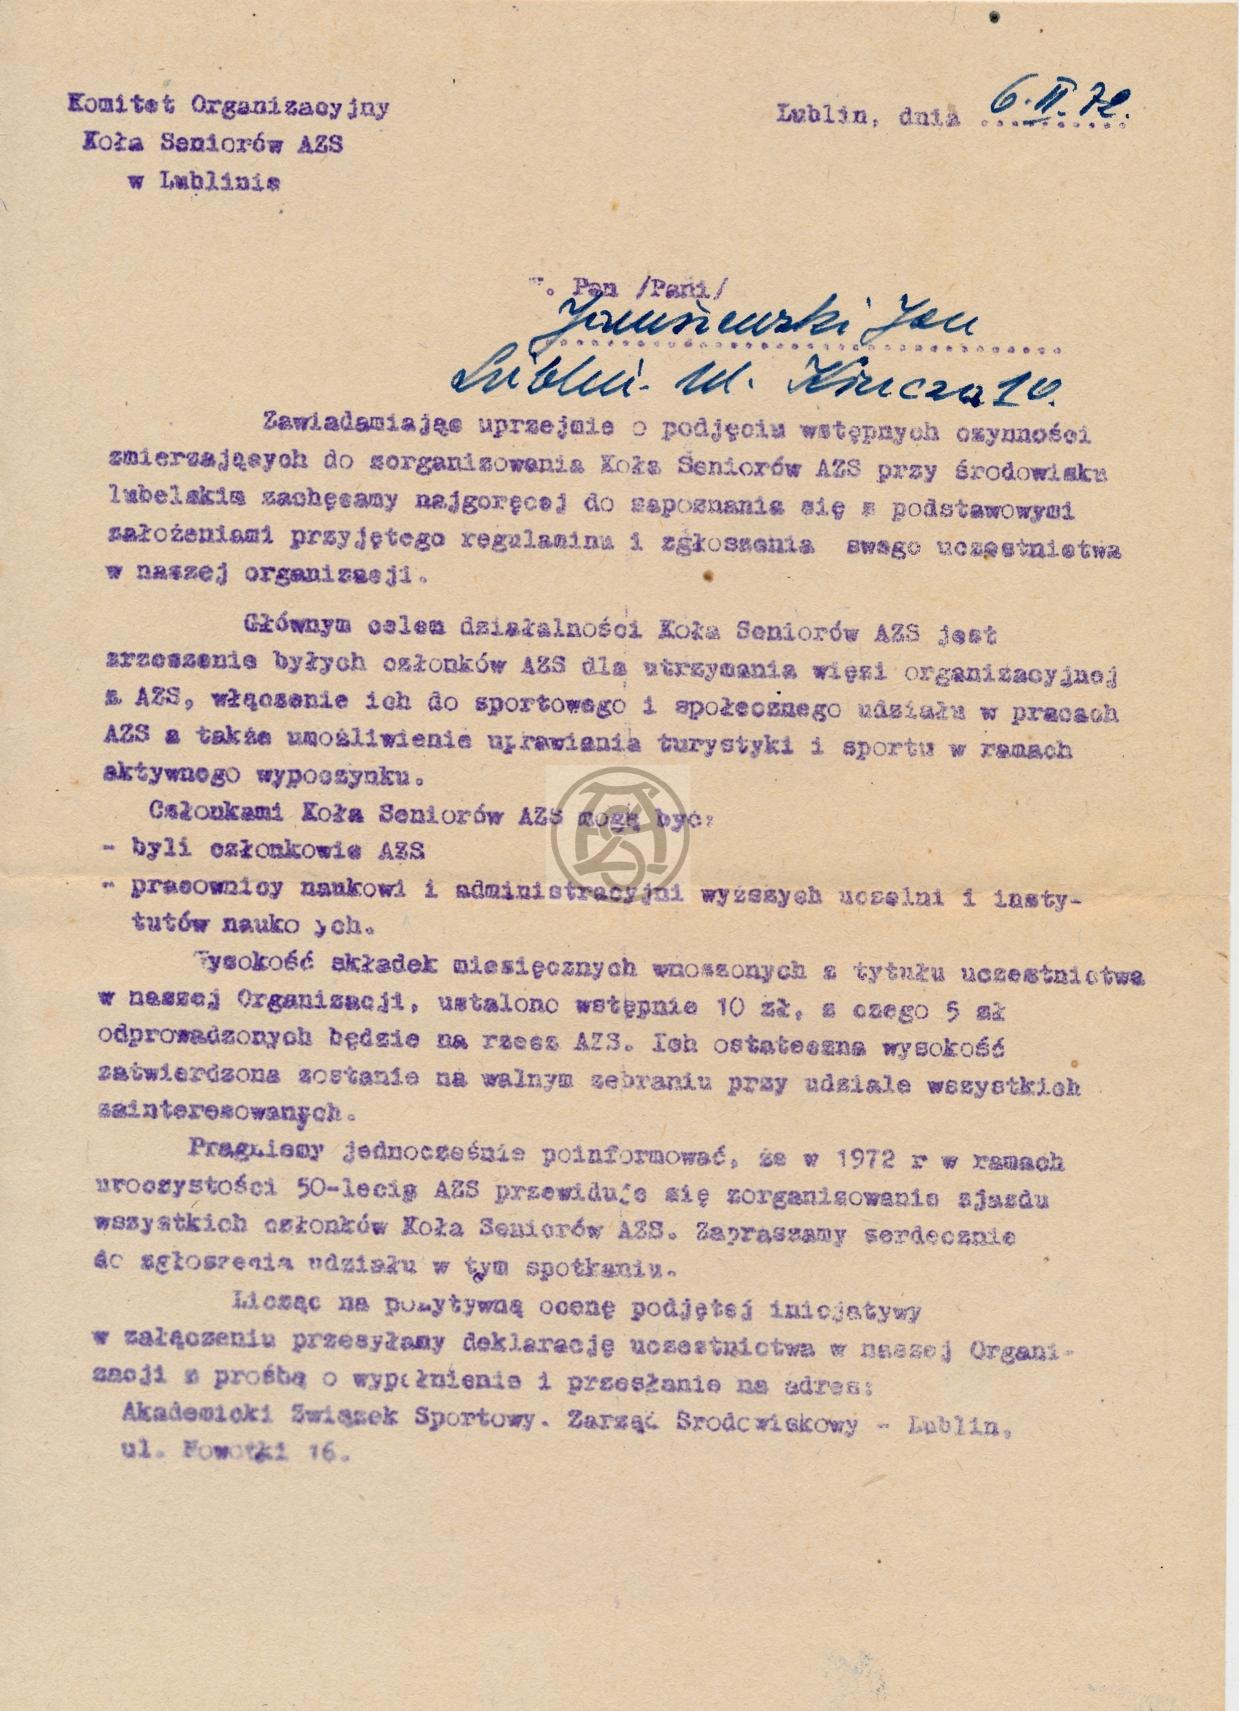 Zawiadomienie o powstaniu koła seniorów AZS w Lublinie